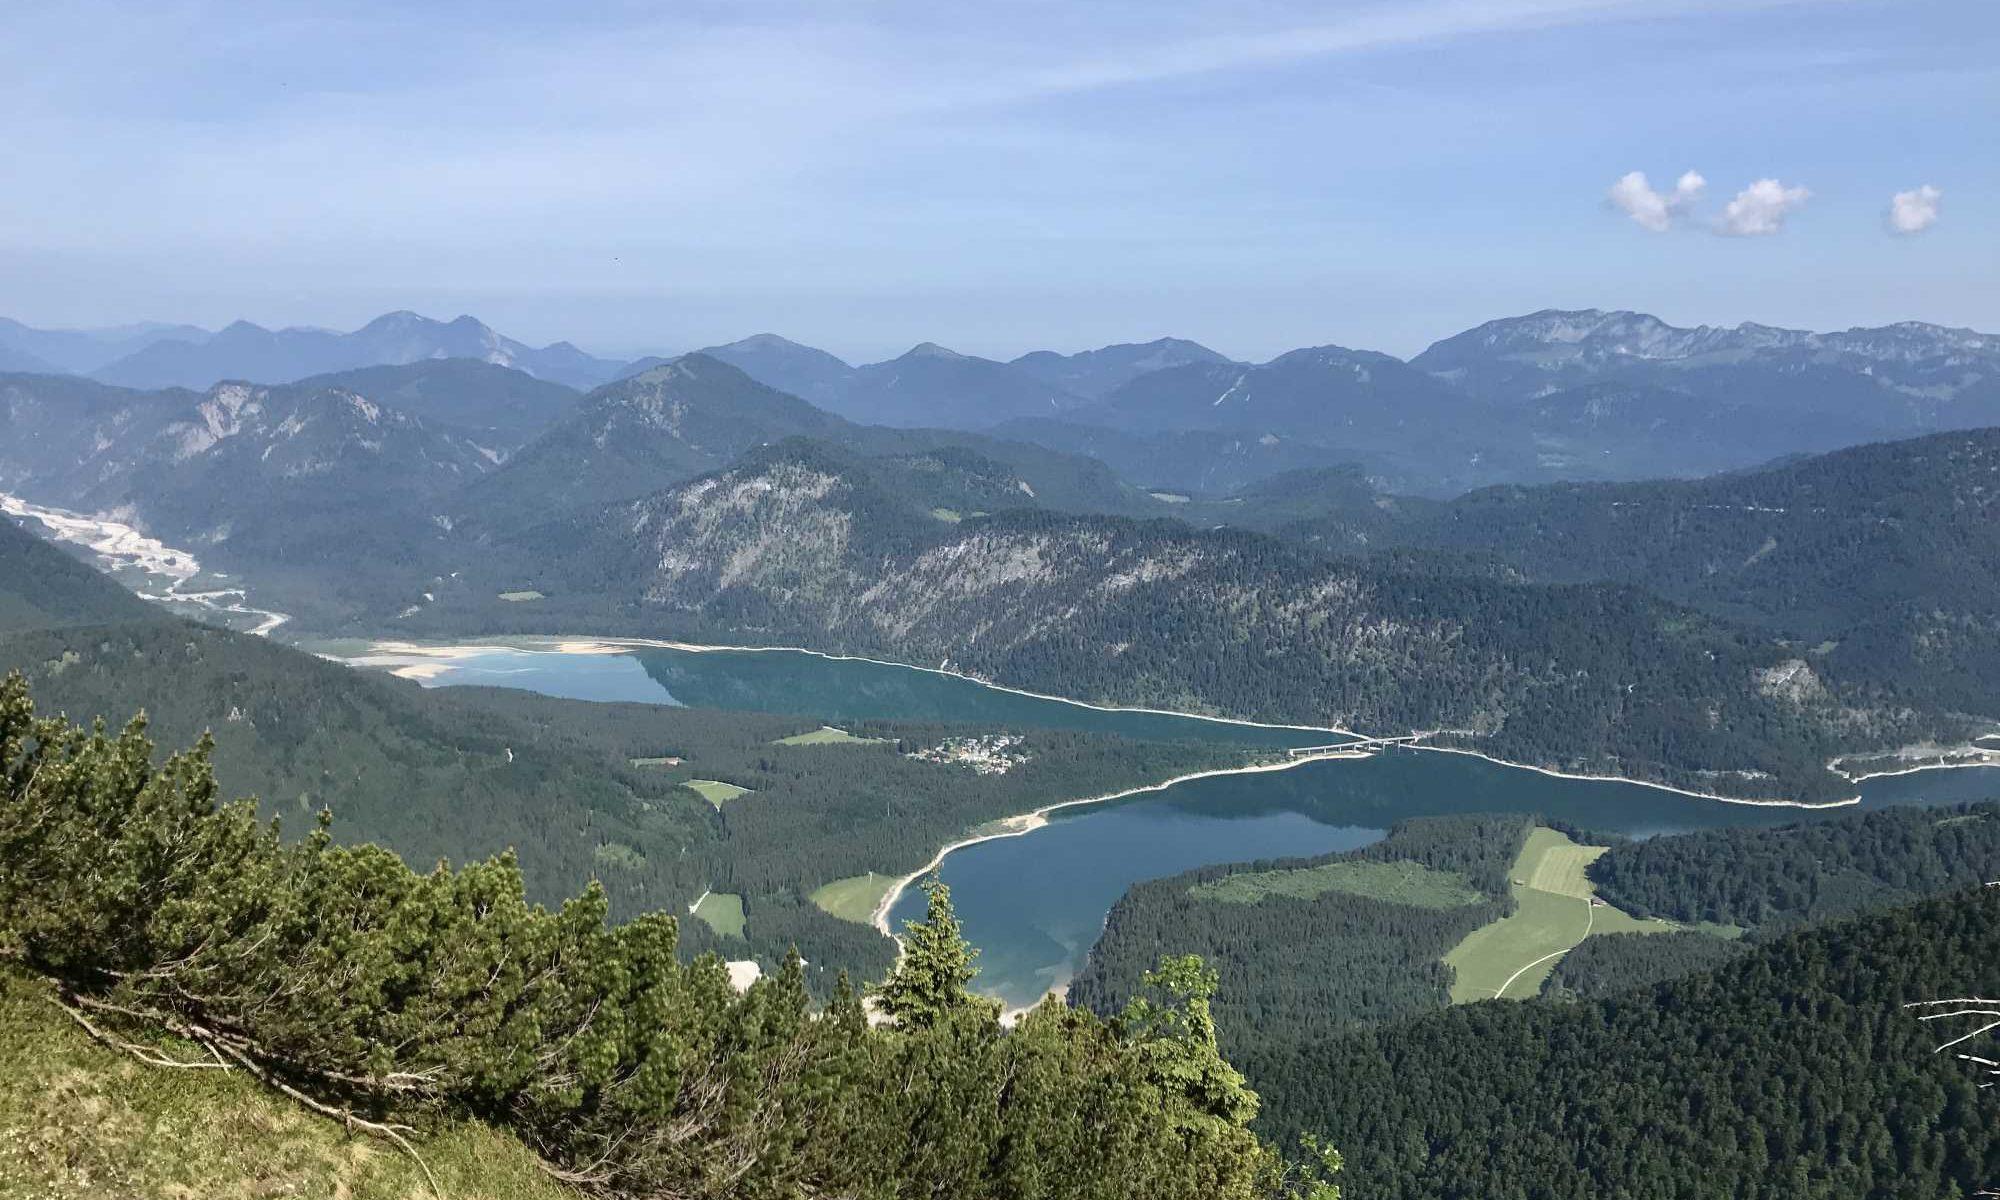 Traumhaft schön: Der Blick auf den Sylvensteinsee bei der Wanderung im Karwendel